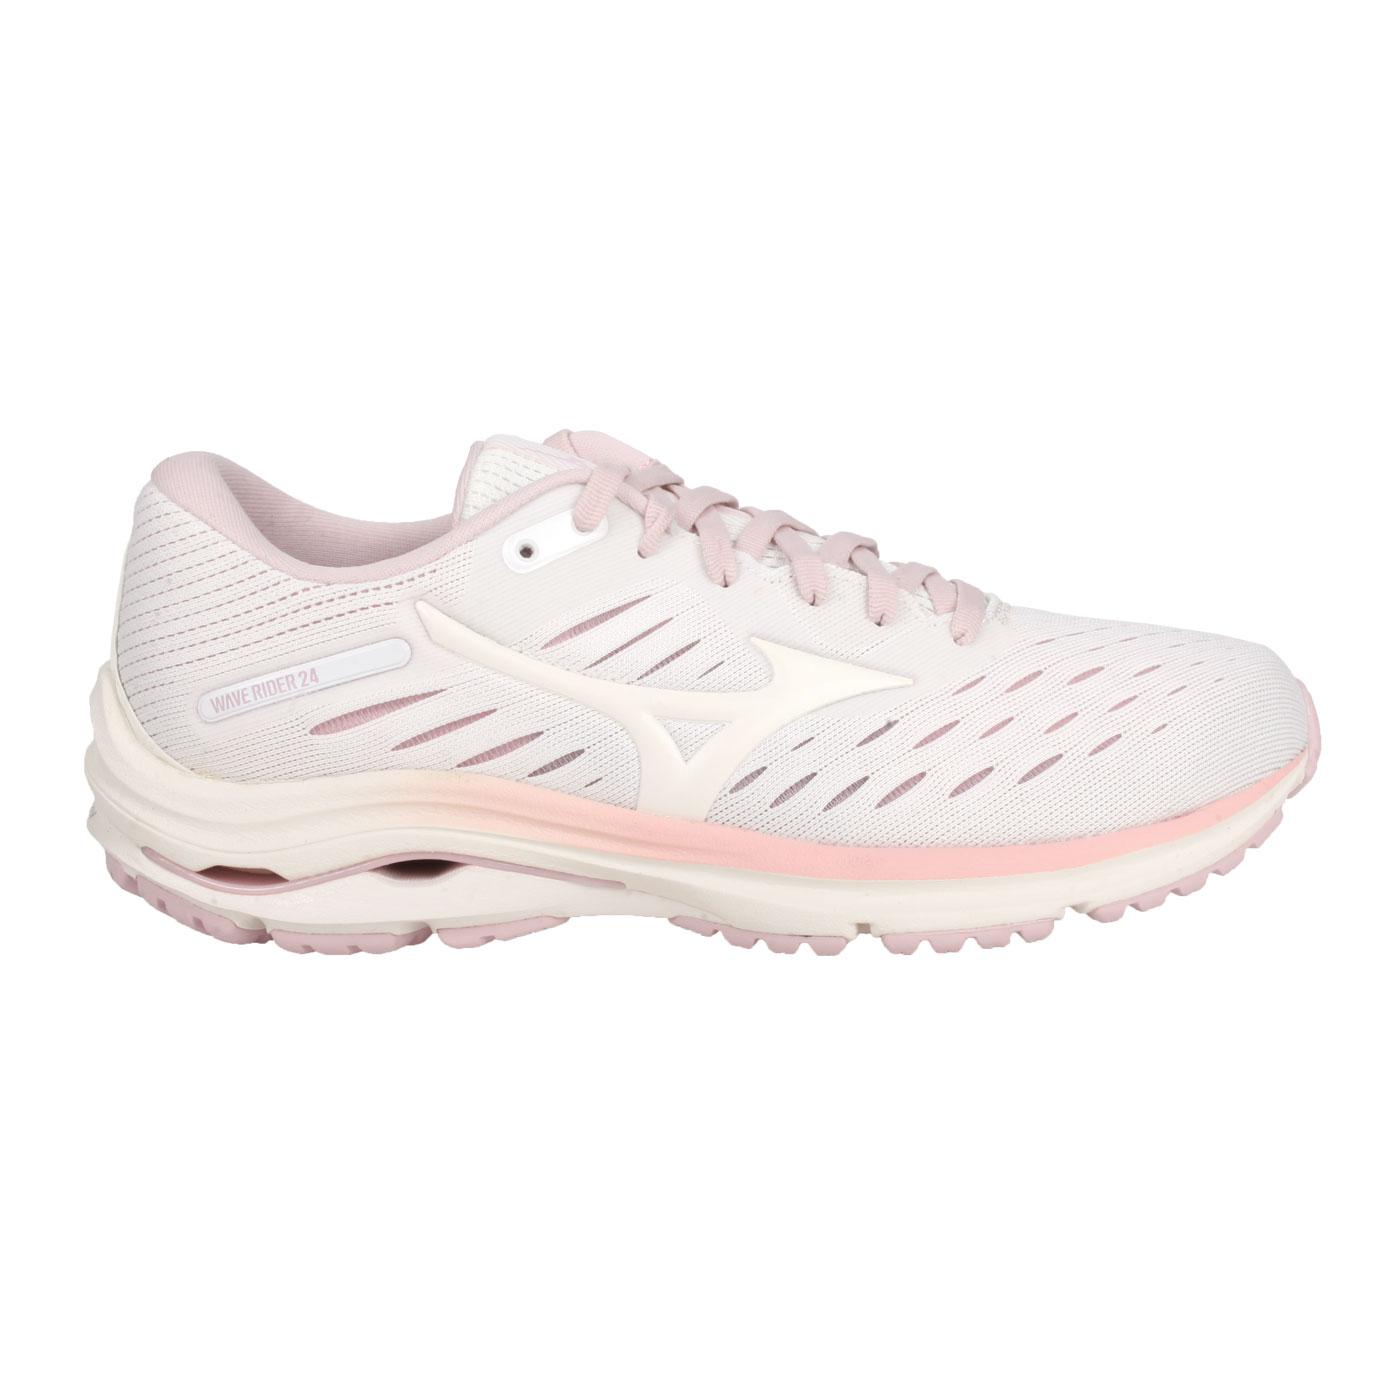 MIZUNO 女款慢跑鞋-WIDE  @WAVE RIDER 24 WIDE@J1GD200613 - 白藕粉紫橘